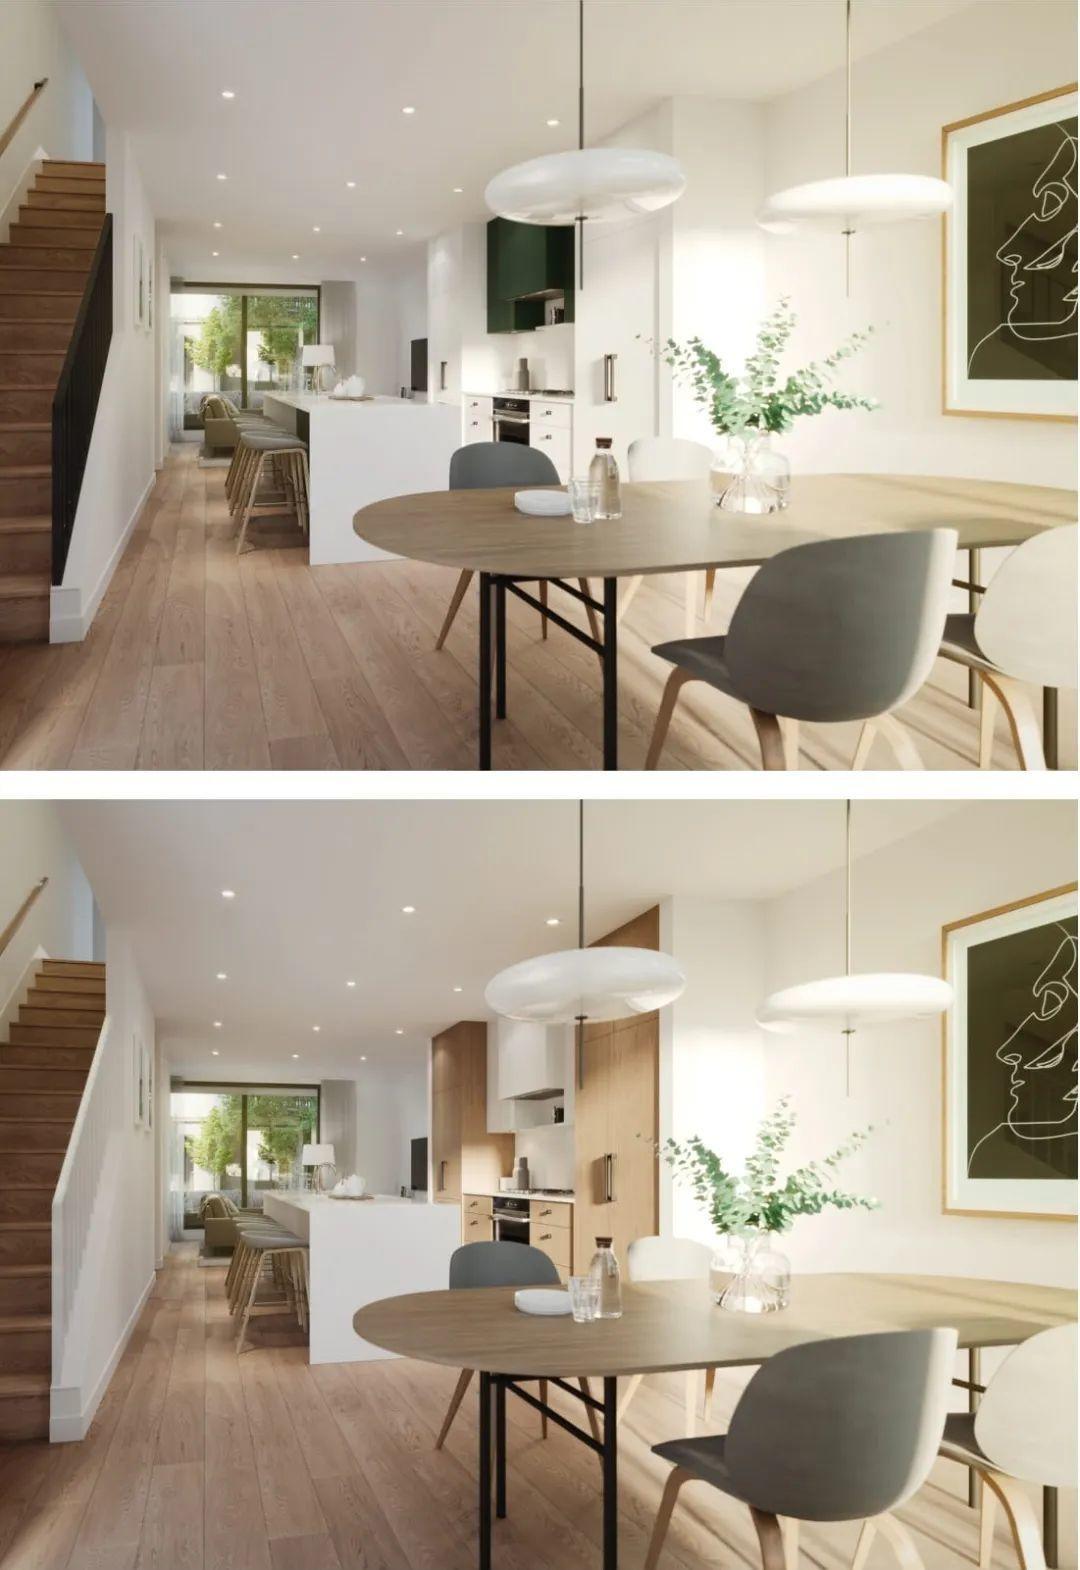 花园公寓和联排别墅任君挑选,下楼就是伊丽莎白女皇公园